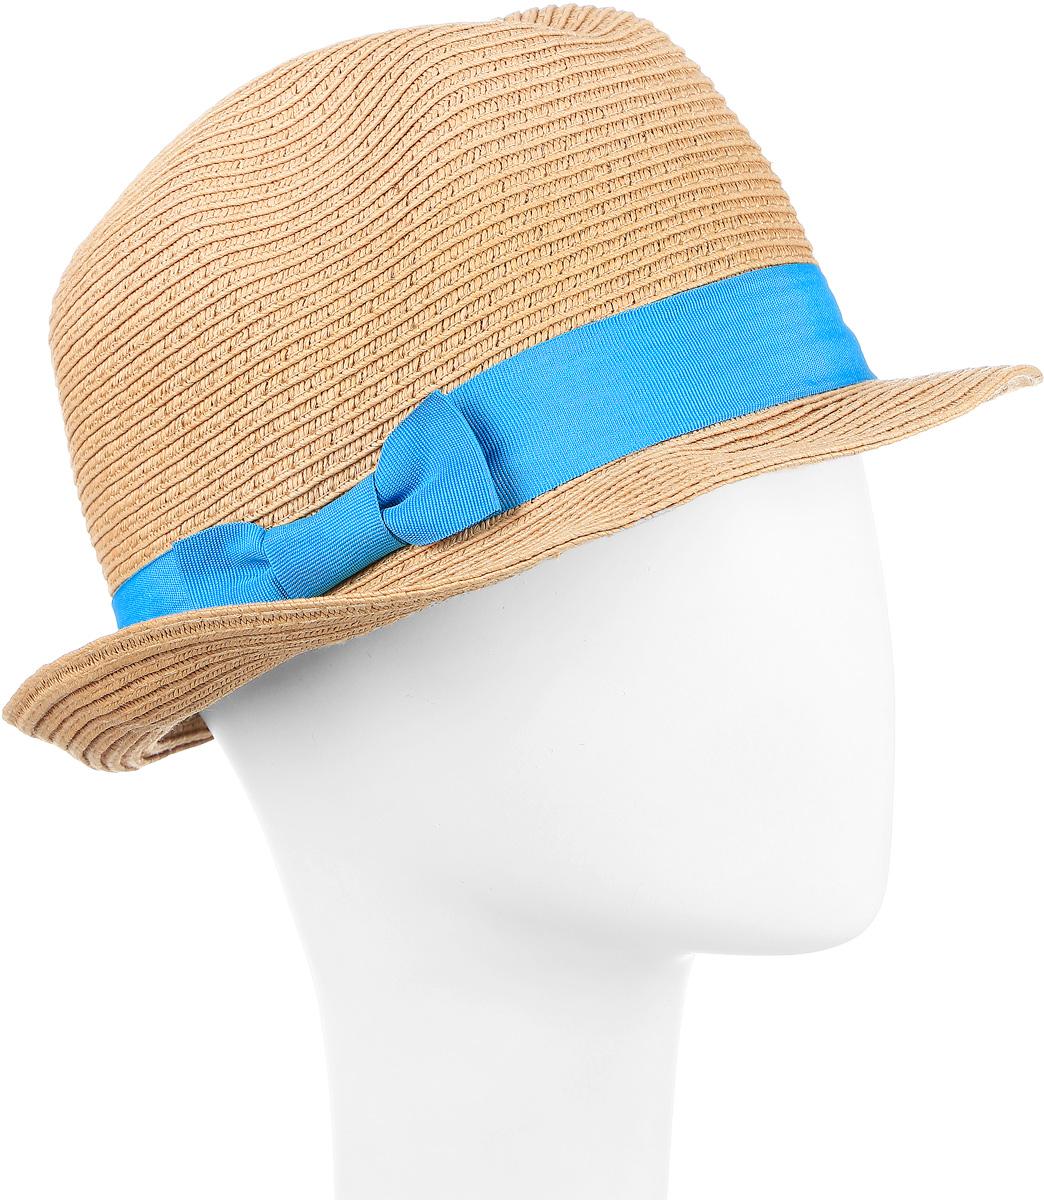 Шляпа Maxval, цвет: темно-бежевый. HtY131007. Размер 56HtY131007Модная шляпа Maxval выполнена из качественной бумажной соломки. Шляпа с полями дополнена контрастной лентой. Эта модель станет отличным аксессуаром и дополнит ваш повседневный образ.